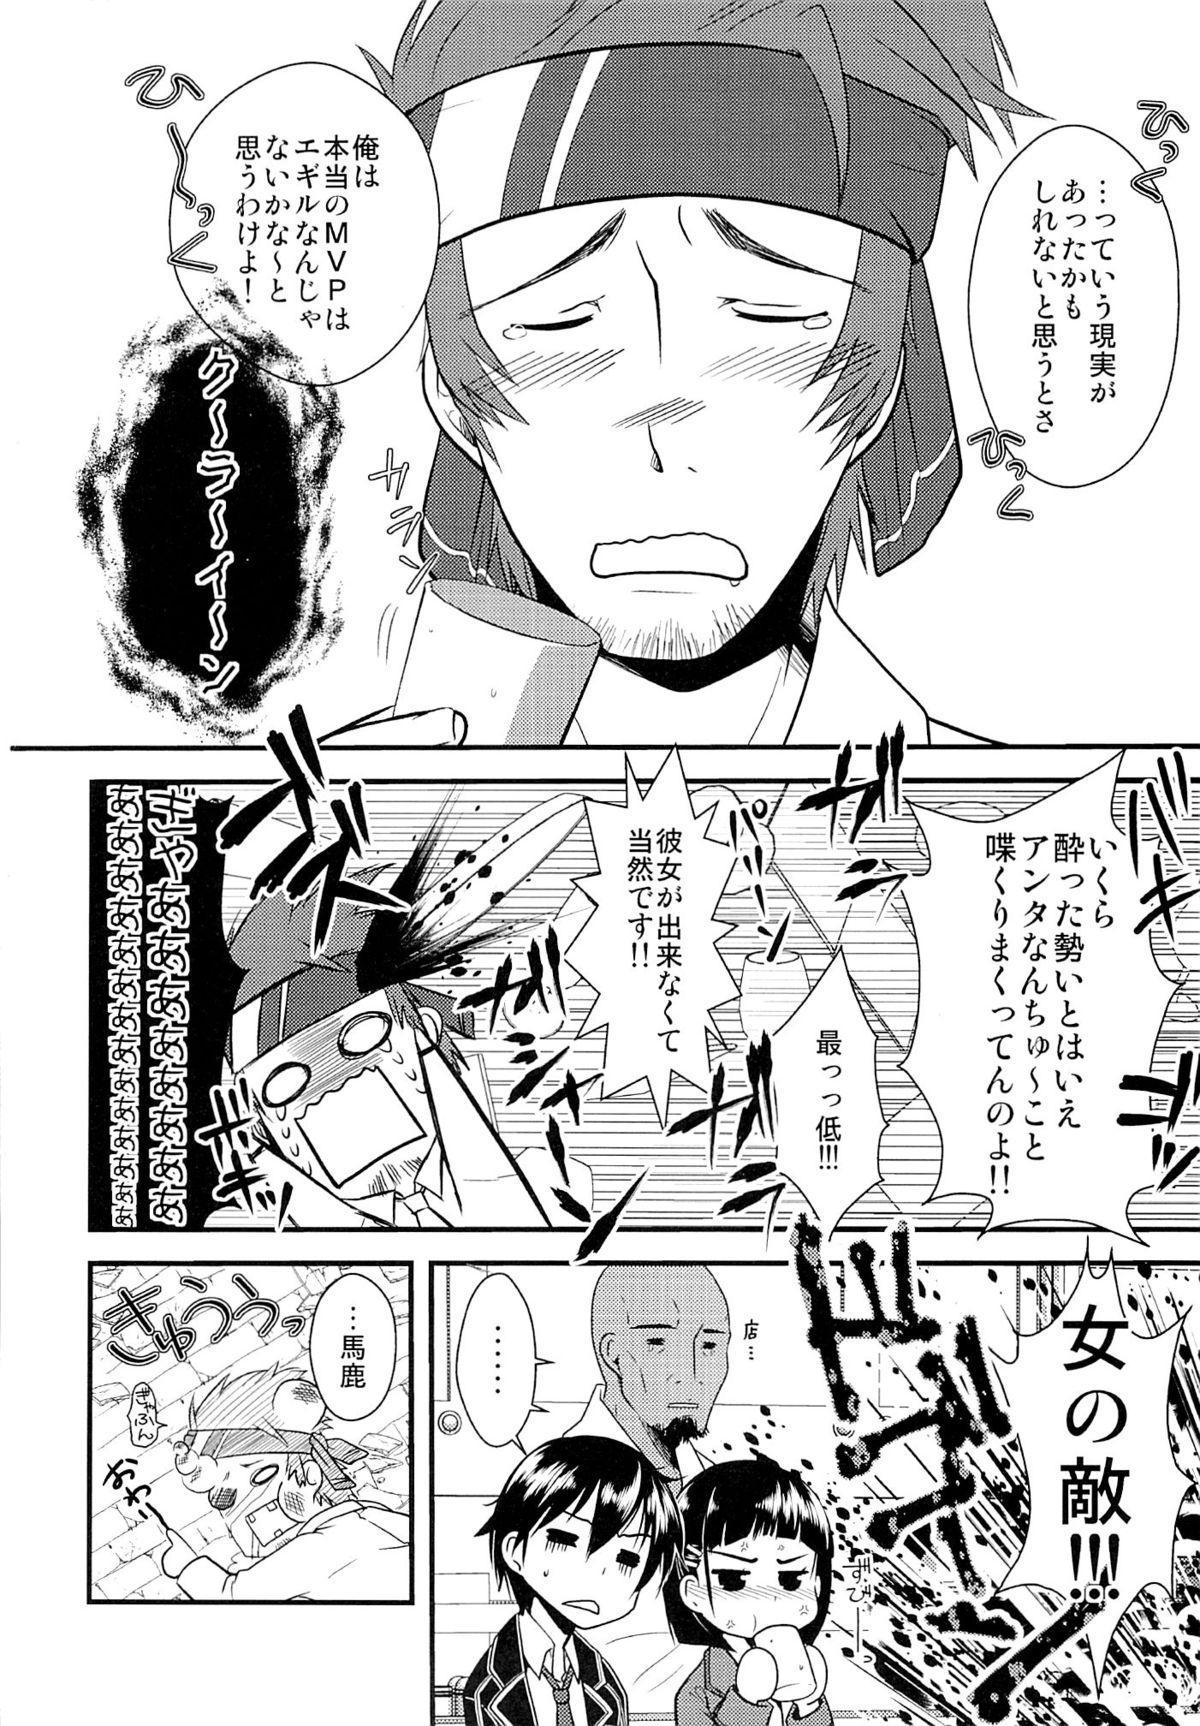 Wakuraba Ochite Kimi Idaku Hibi 40